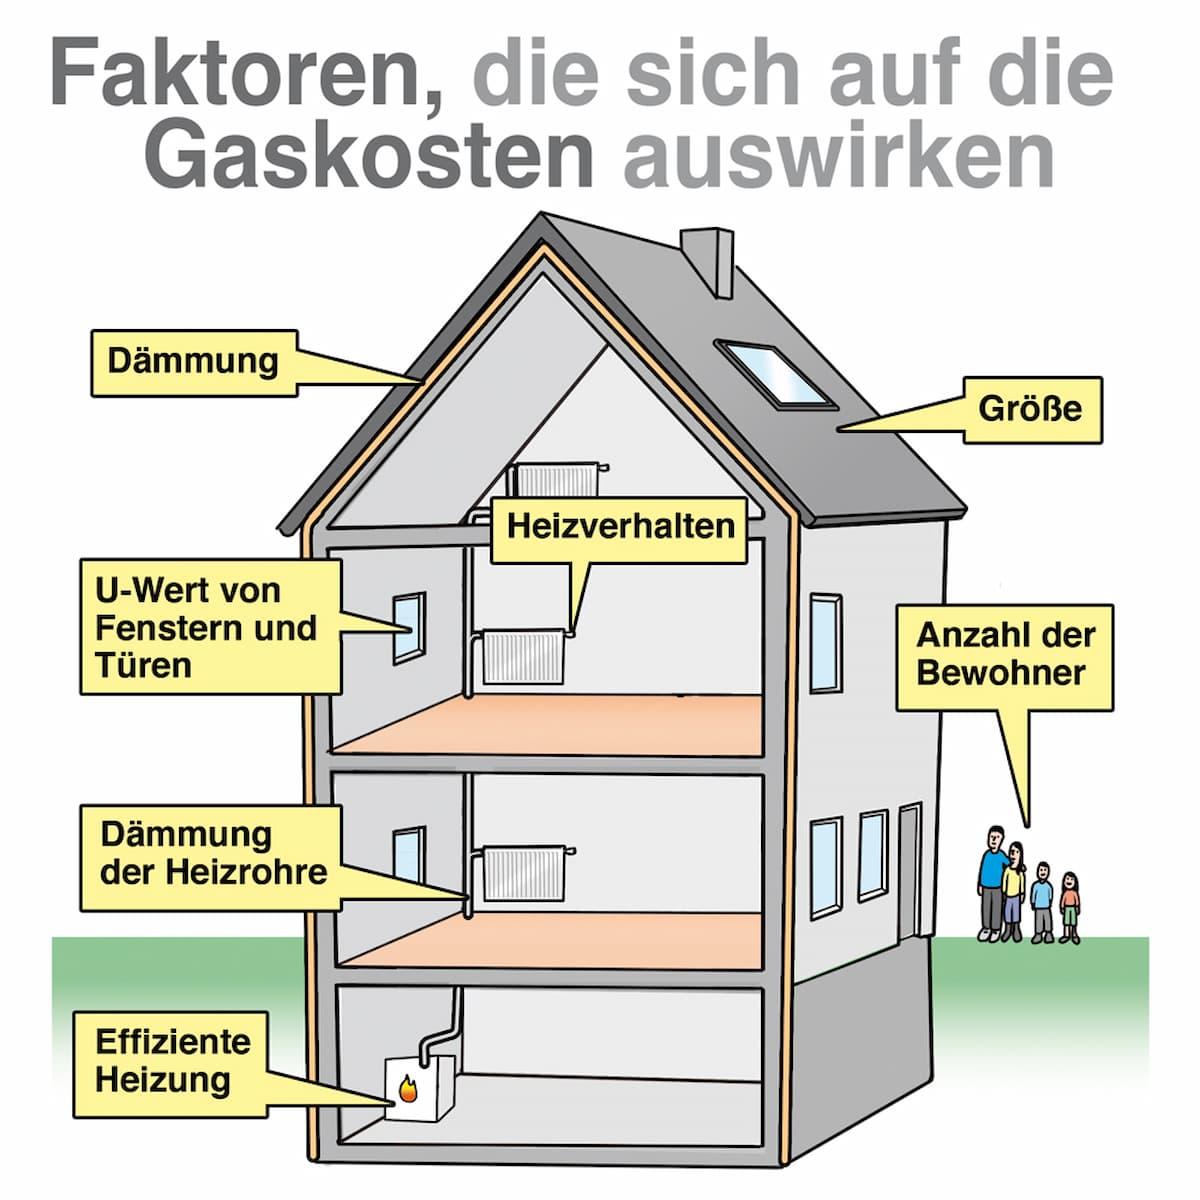 Faktoren die sich auf den Gasverbrauch und die Gaskosten auswirken